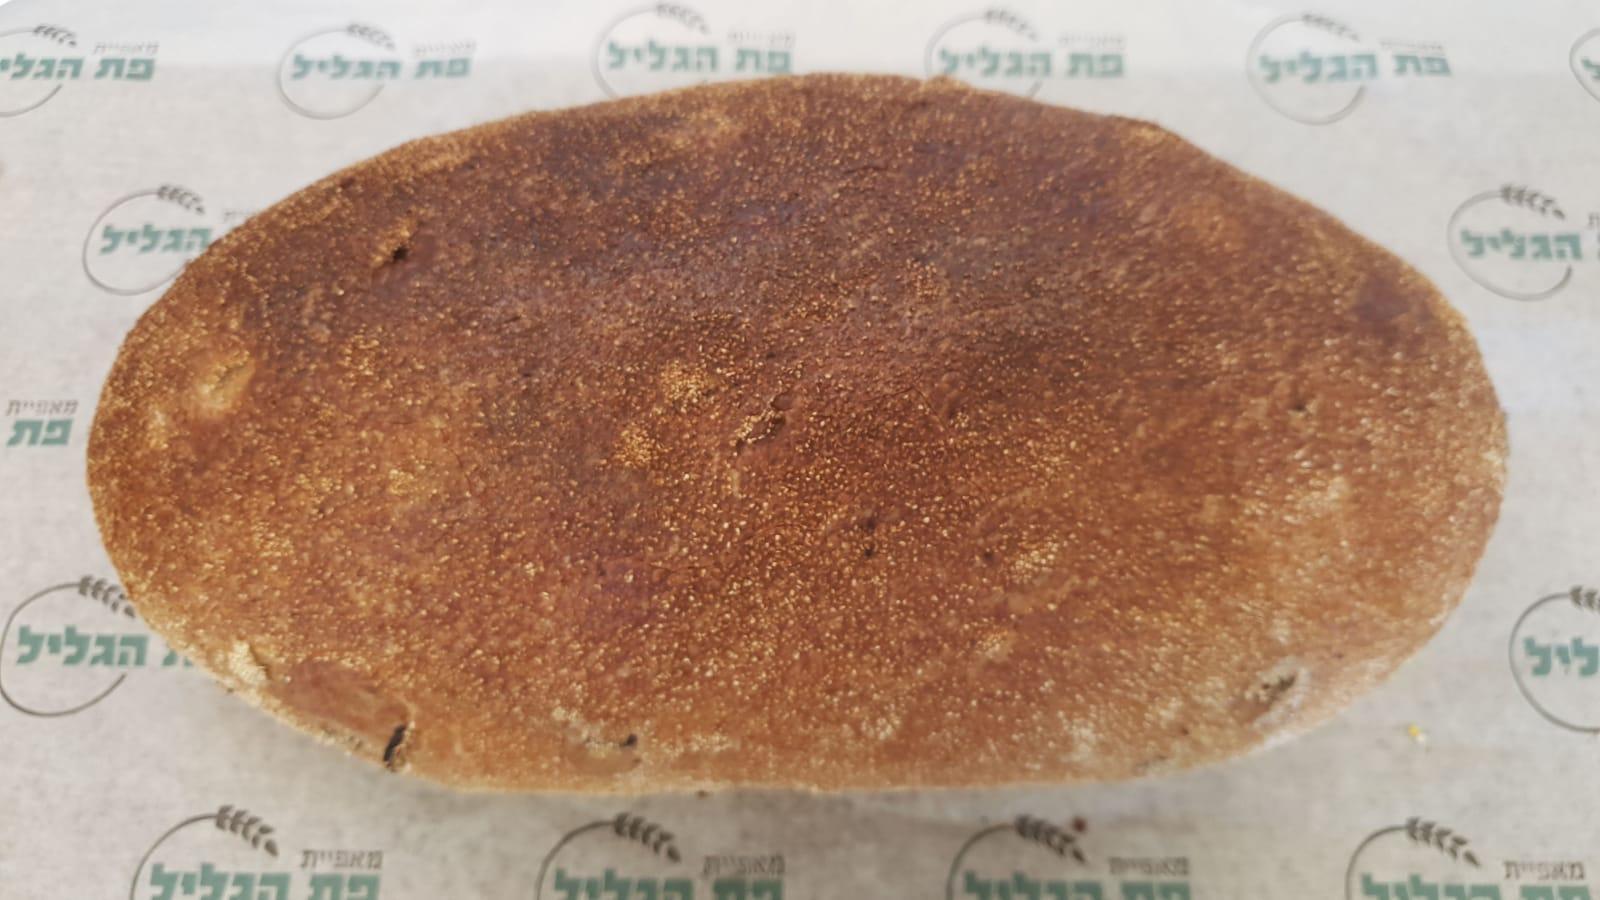 לחם מחמצת צרפתית ללא סוכר, שמרים ושמן בתוספת זיתים שחורים וגרעינים